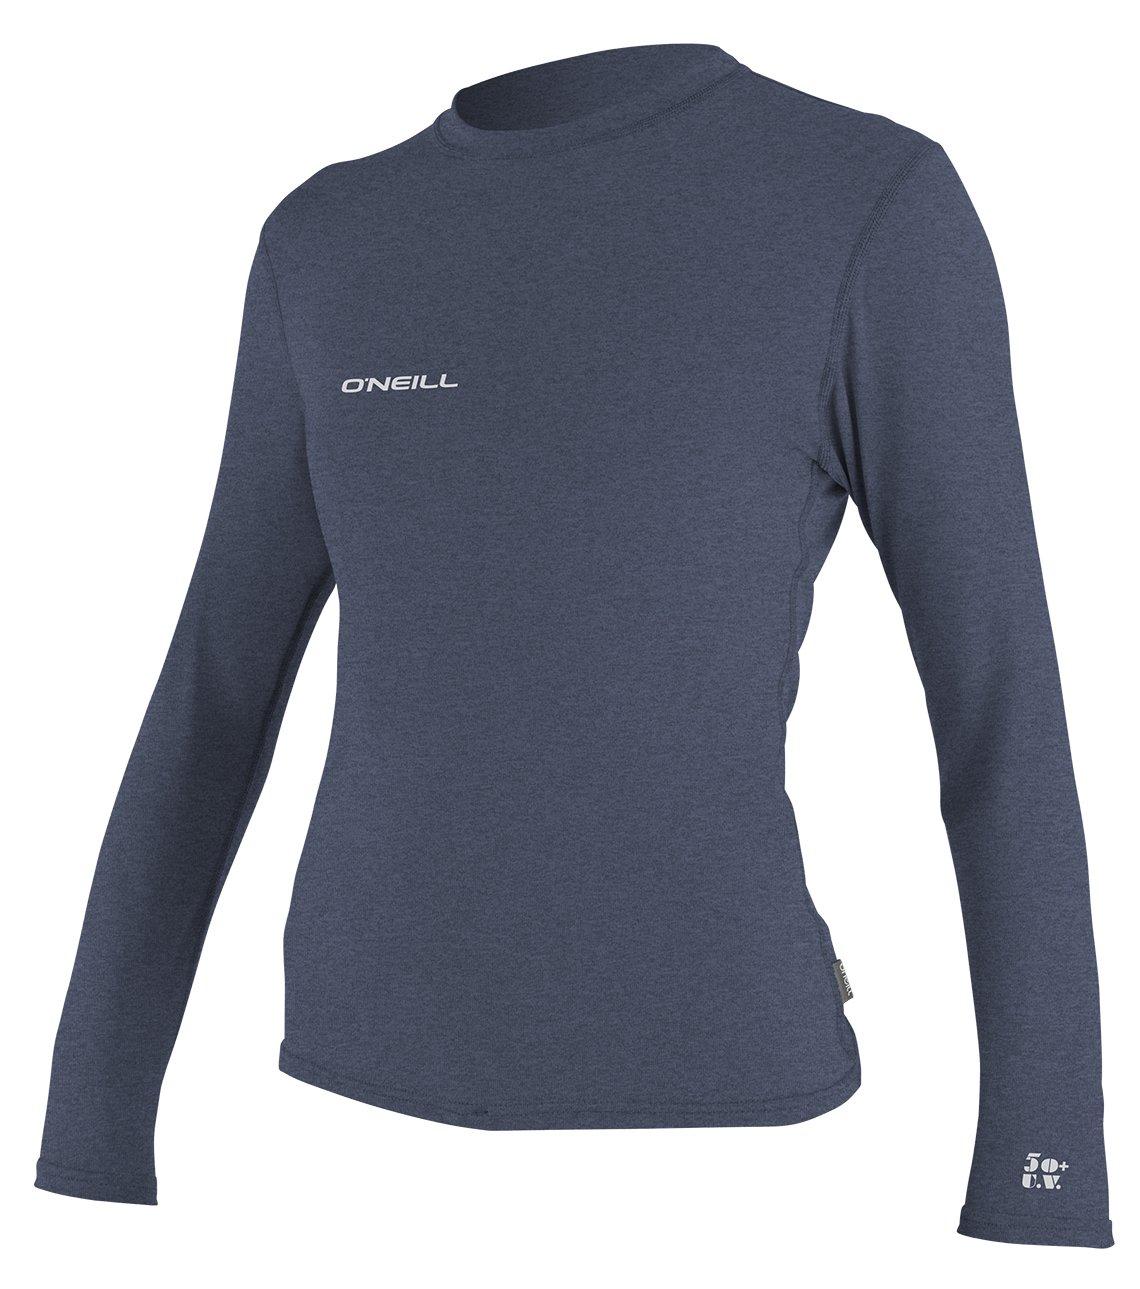 O'Neill Women's Hybrid UPF 50+ Long Sleeve Sun Shirt, Mist, Medium by O'Neill Wetsuits